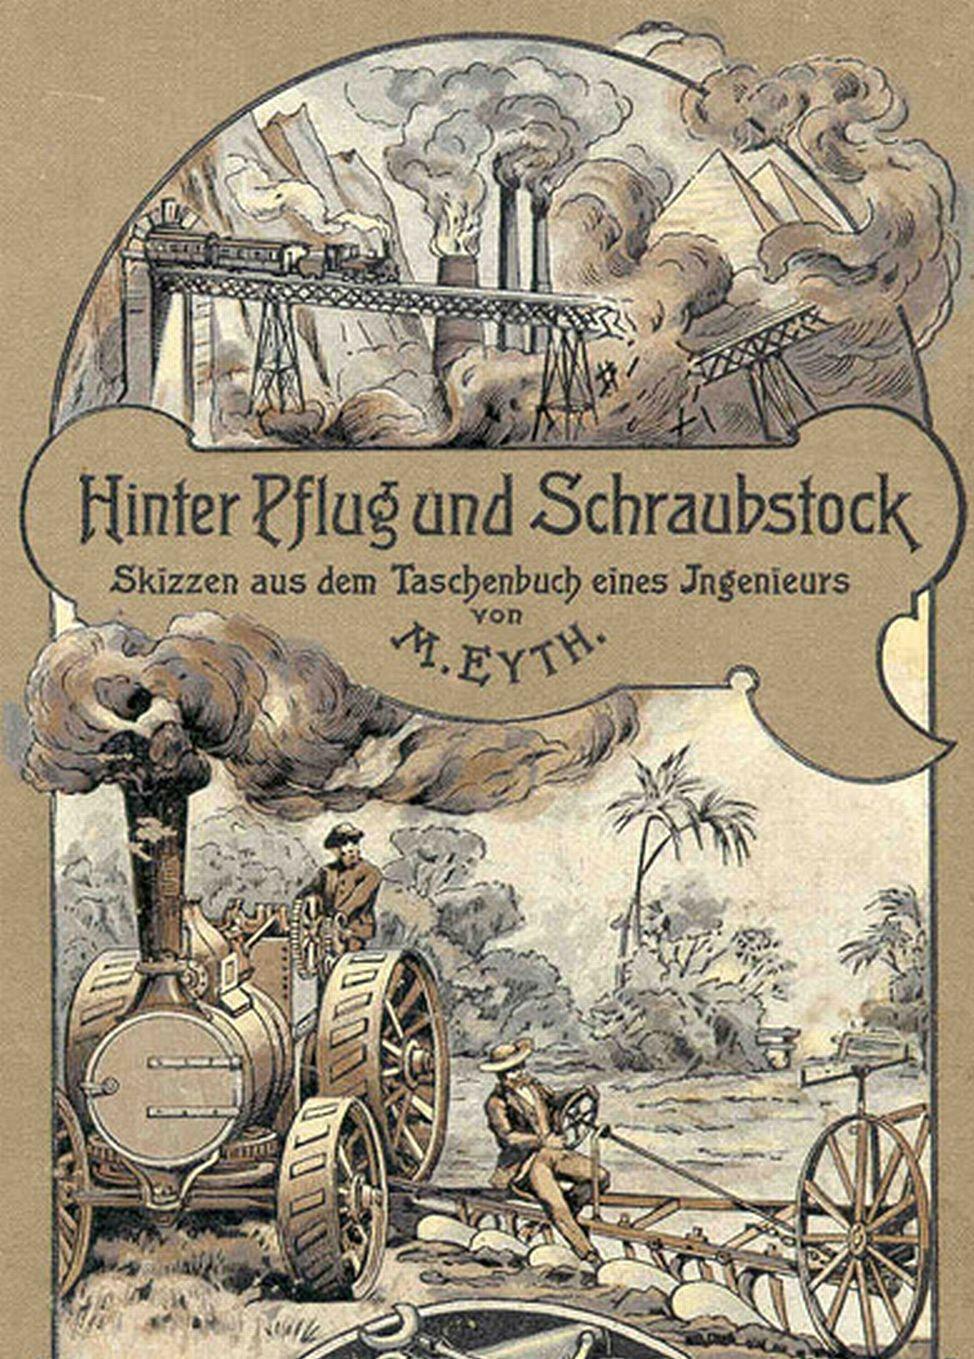 Hinter Pflug und Schraubstock ( Max Eyth  )